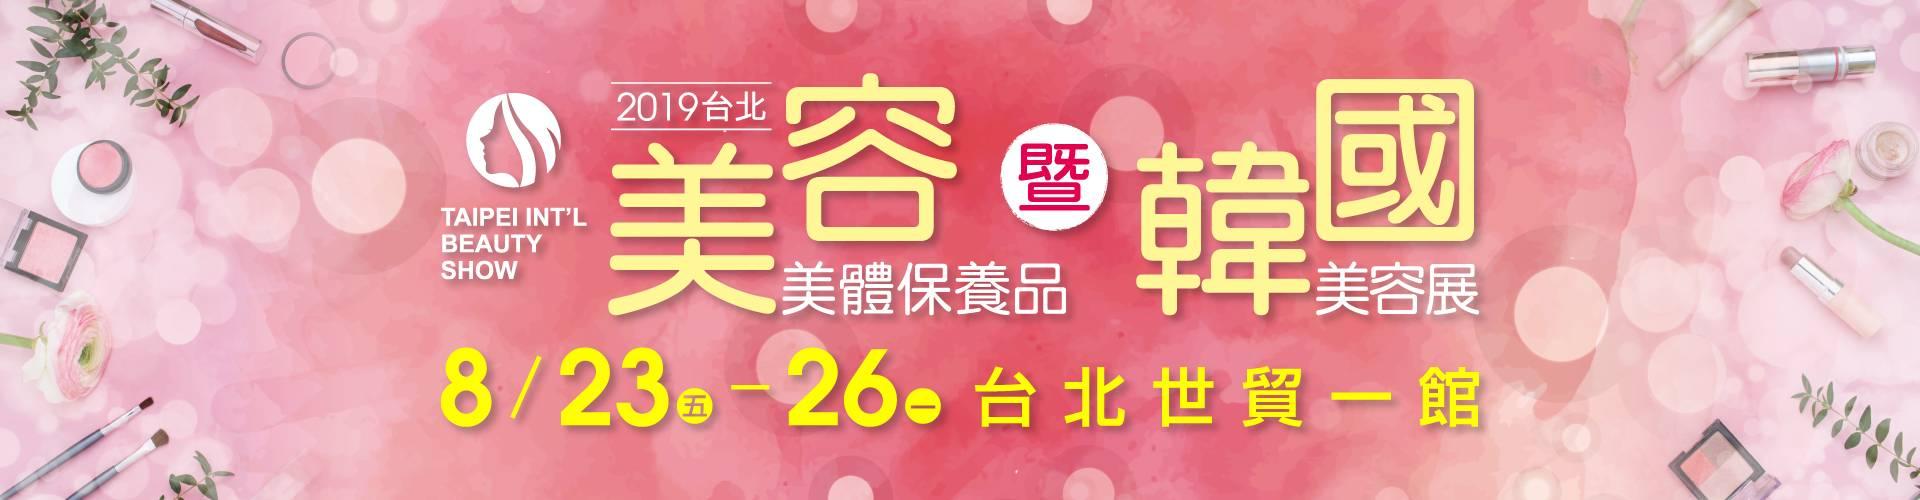 2019台北美容美體保養品暨韓國美容展